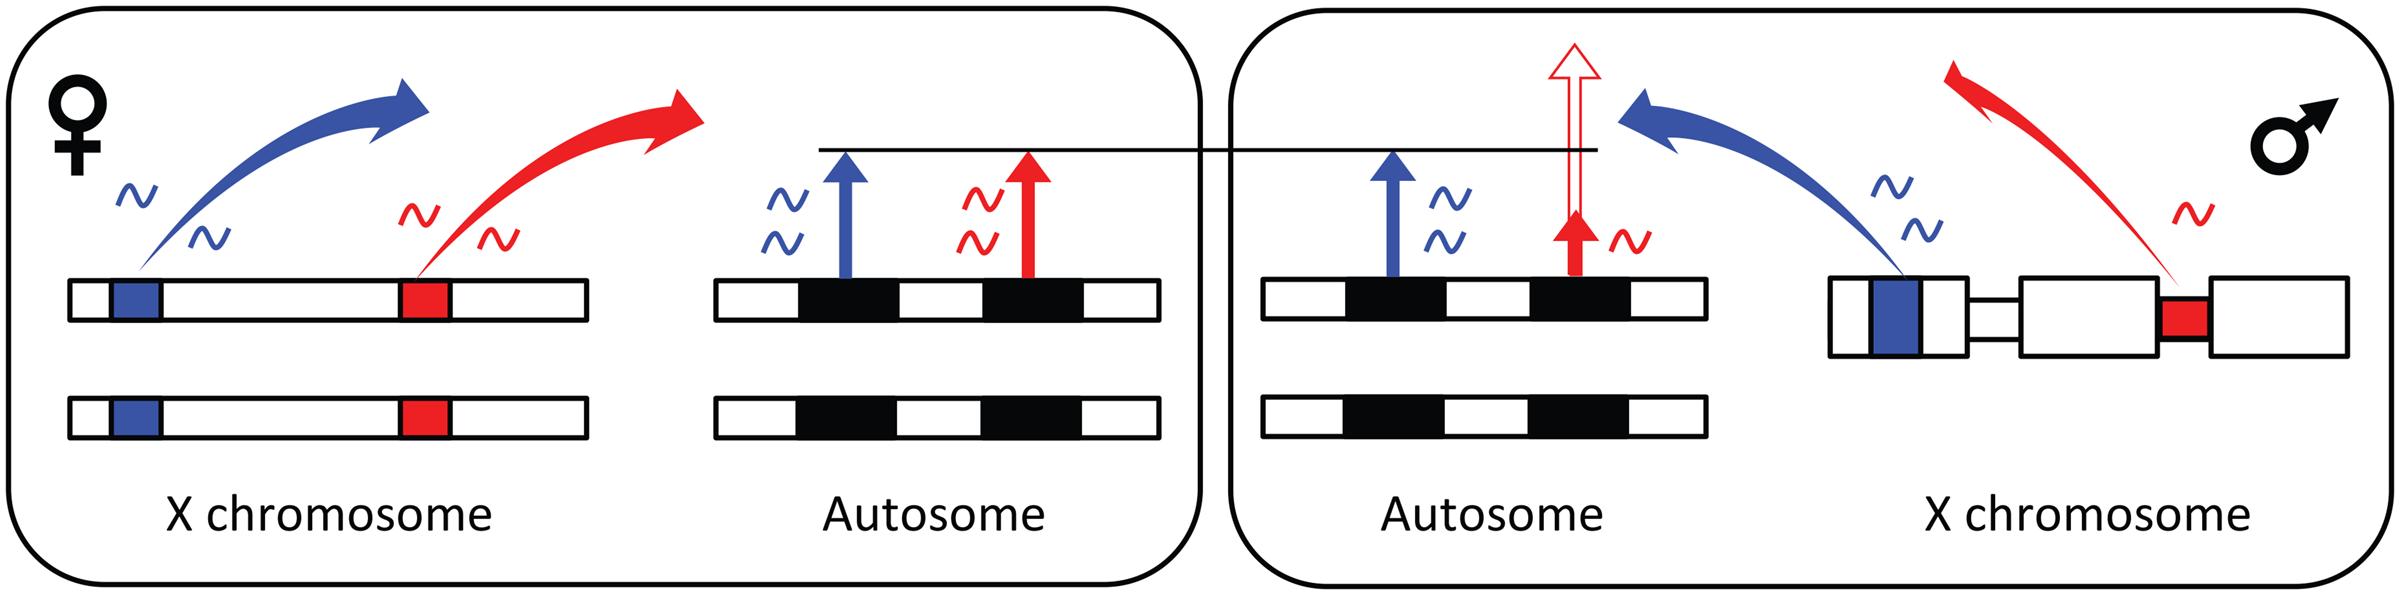 Model for X-linked <i>trans</i>-regulation of sex-biased gene expression.